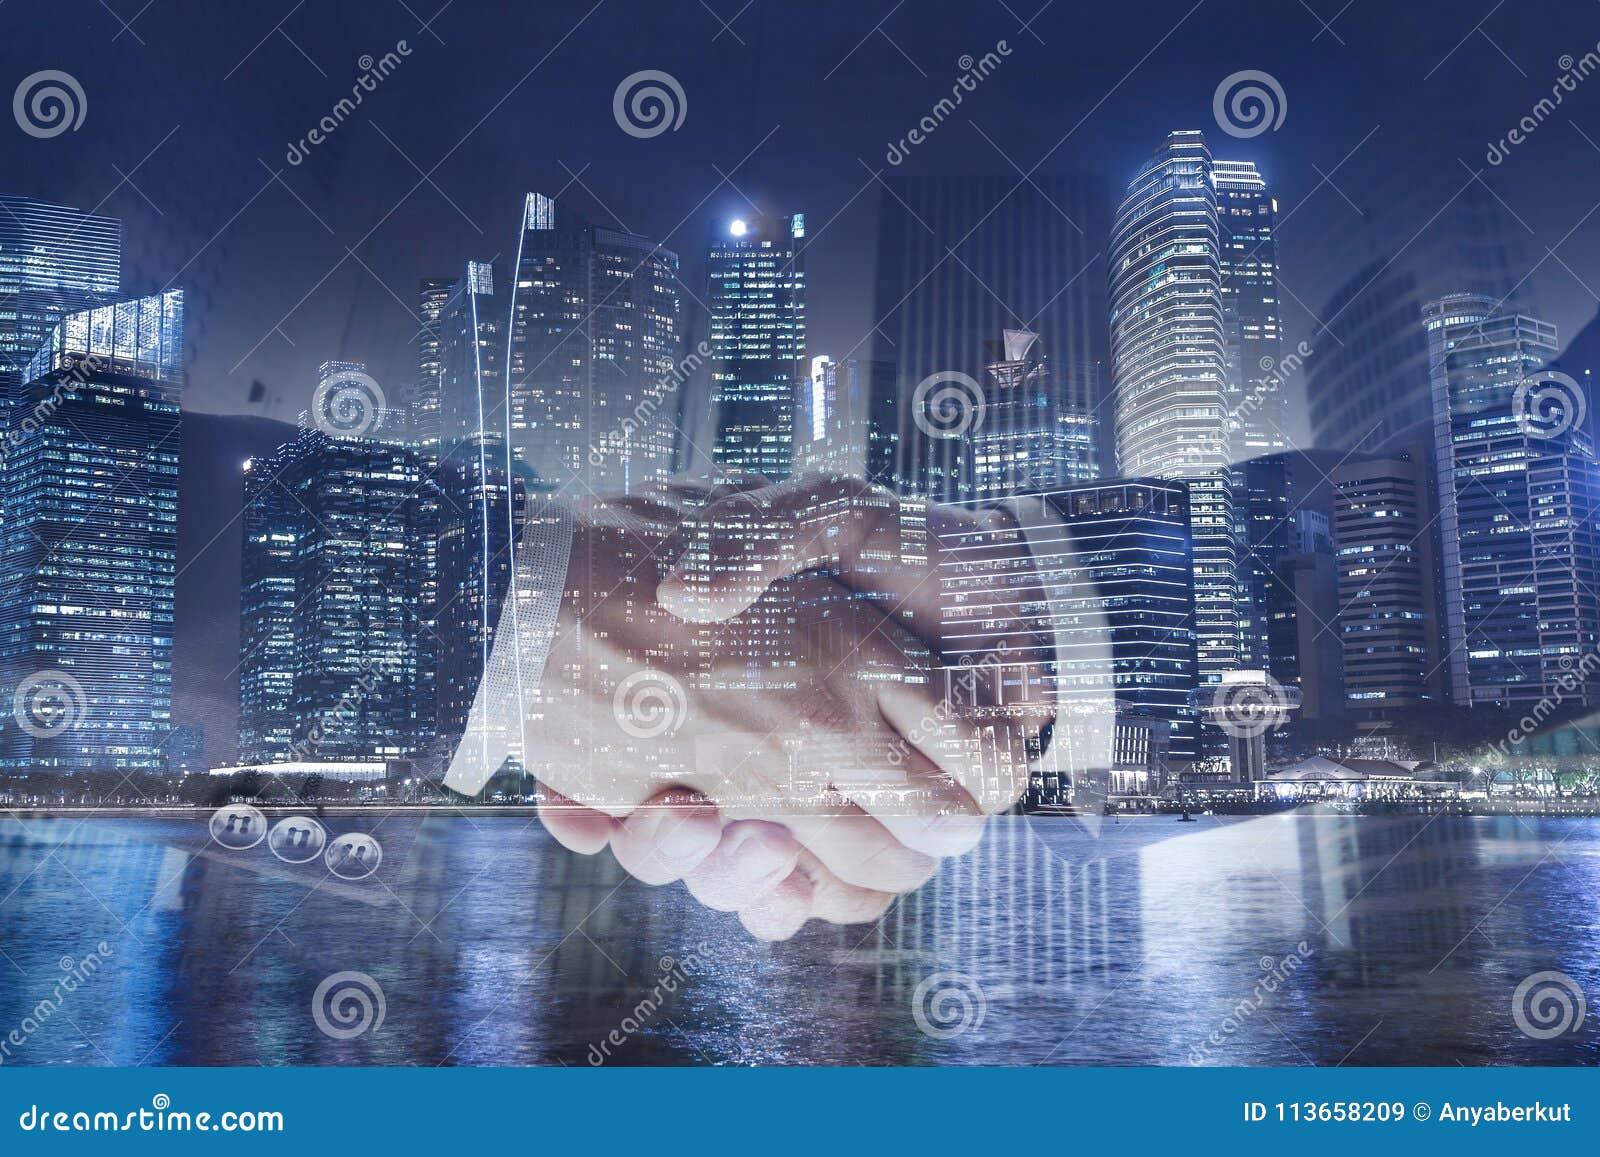 Zusammenarbeitsgeschäftskonzept, Händedruckdoppelbelichtung, Zusammenarbeit oder Partnerschaft